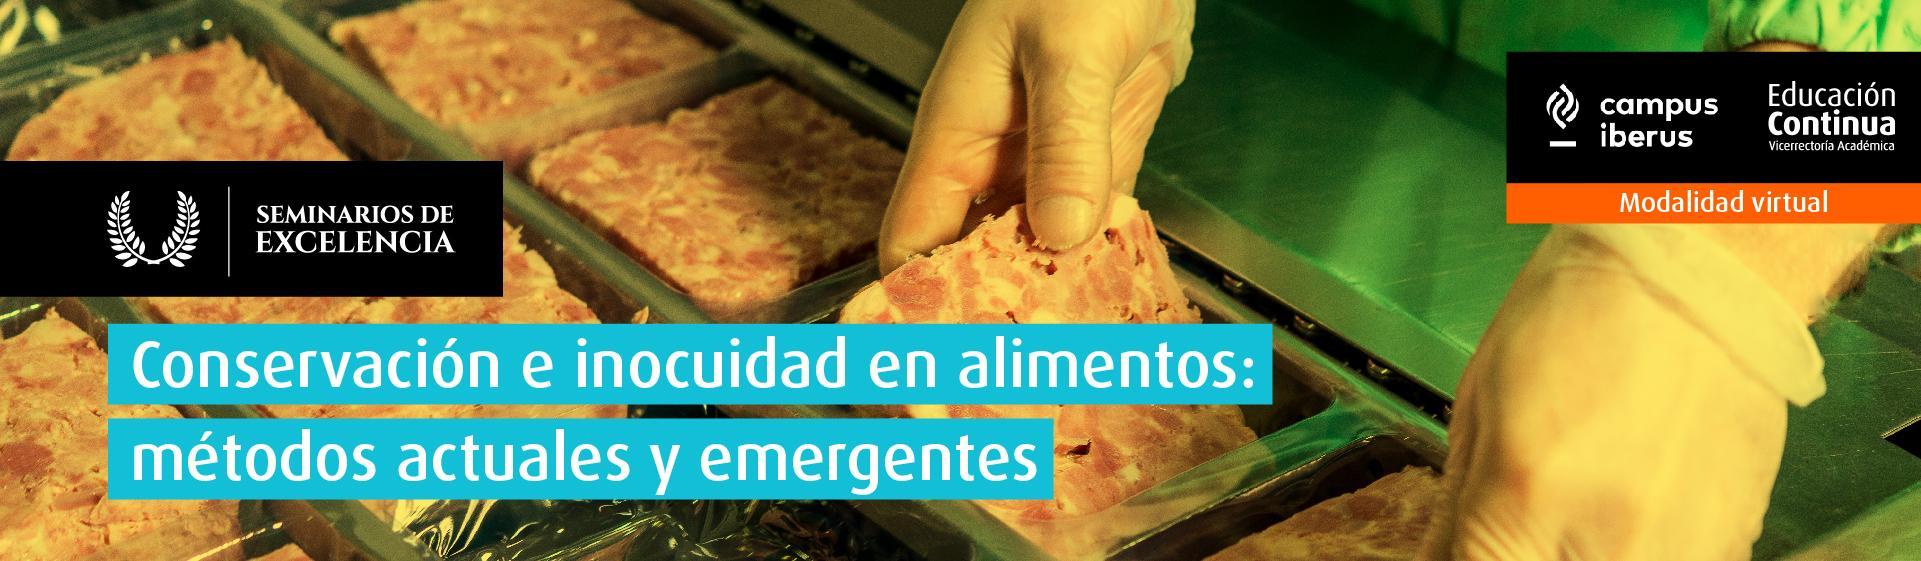 seminario de excelencia conservación e inocuidad alimentos métodos actuales y emergentes ingeniería de alimentos uniandes